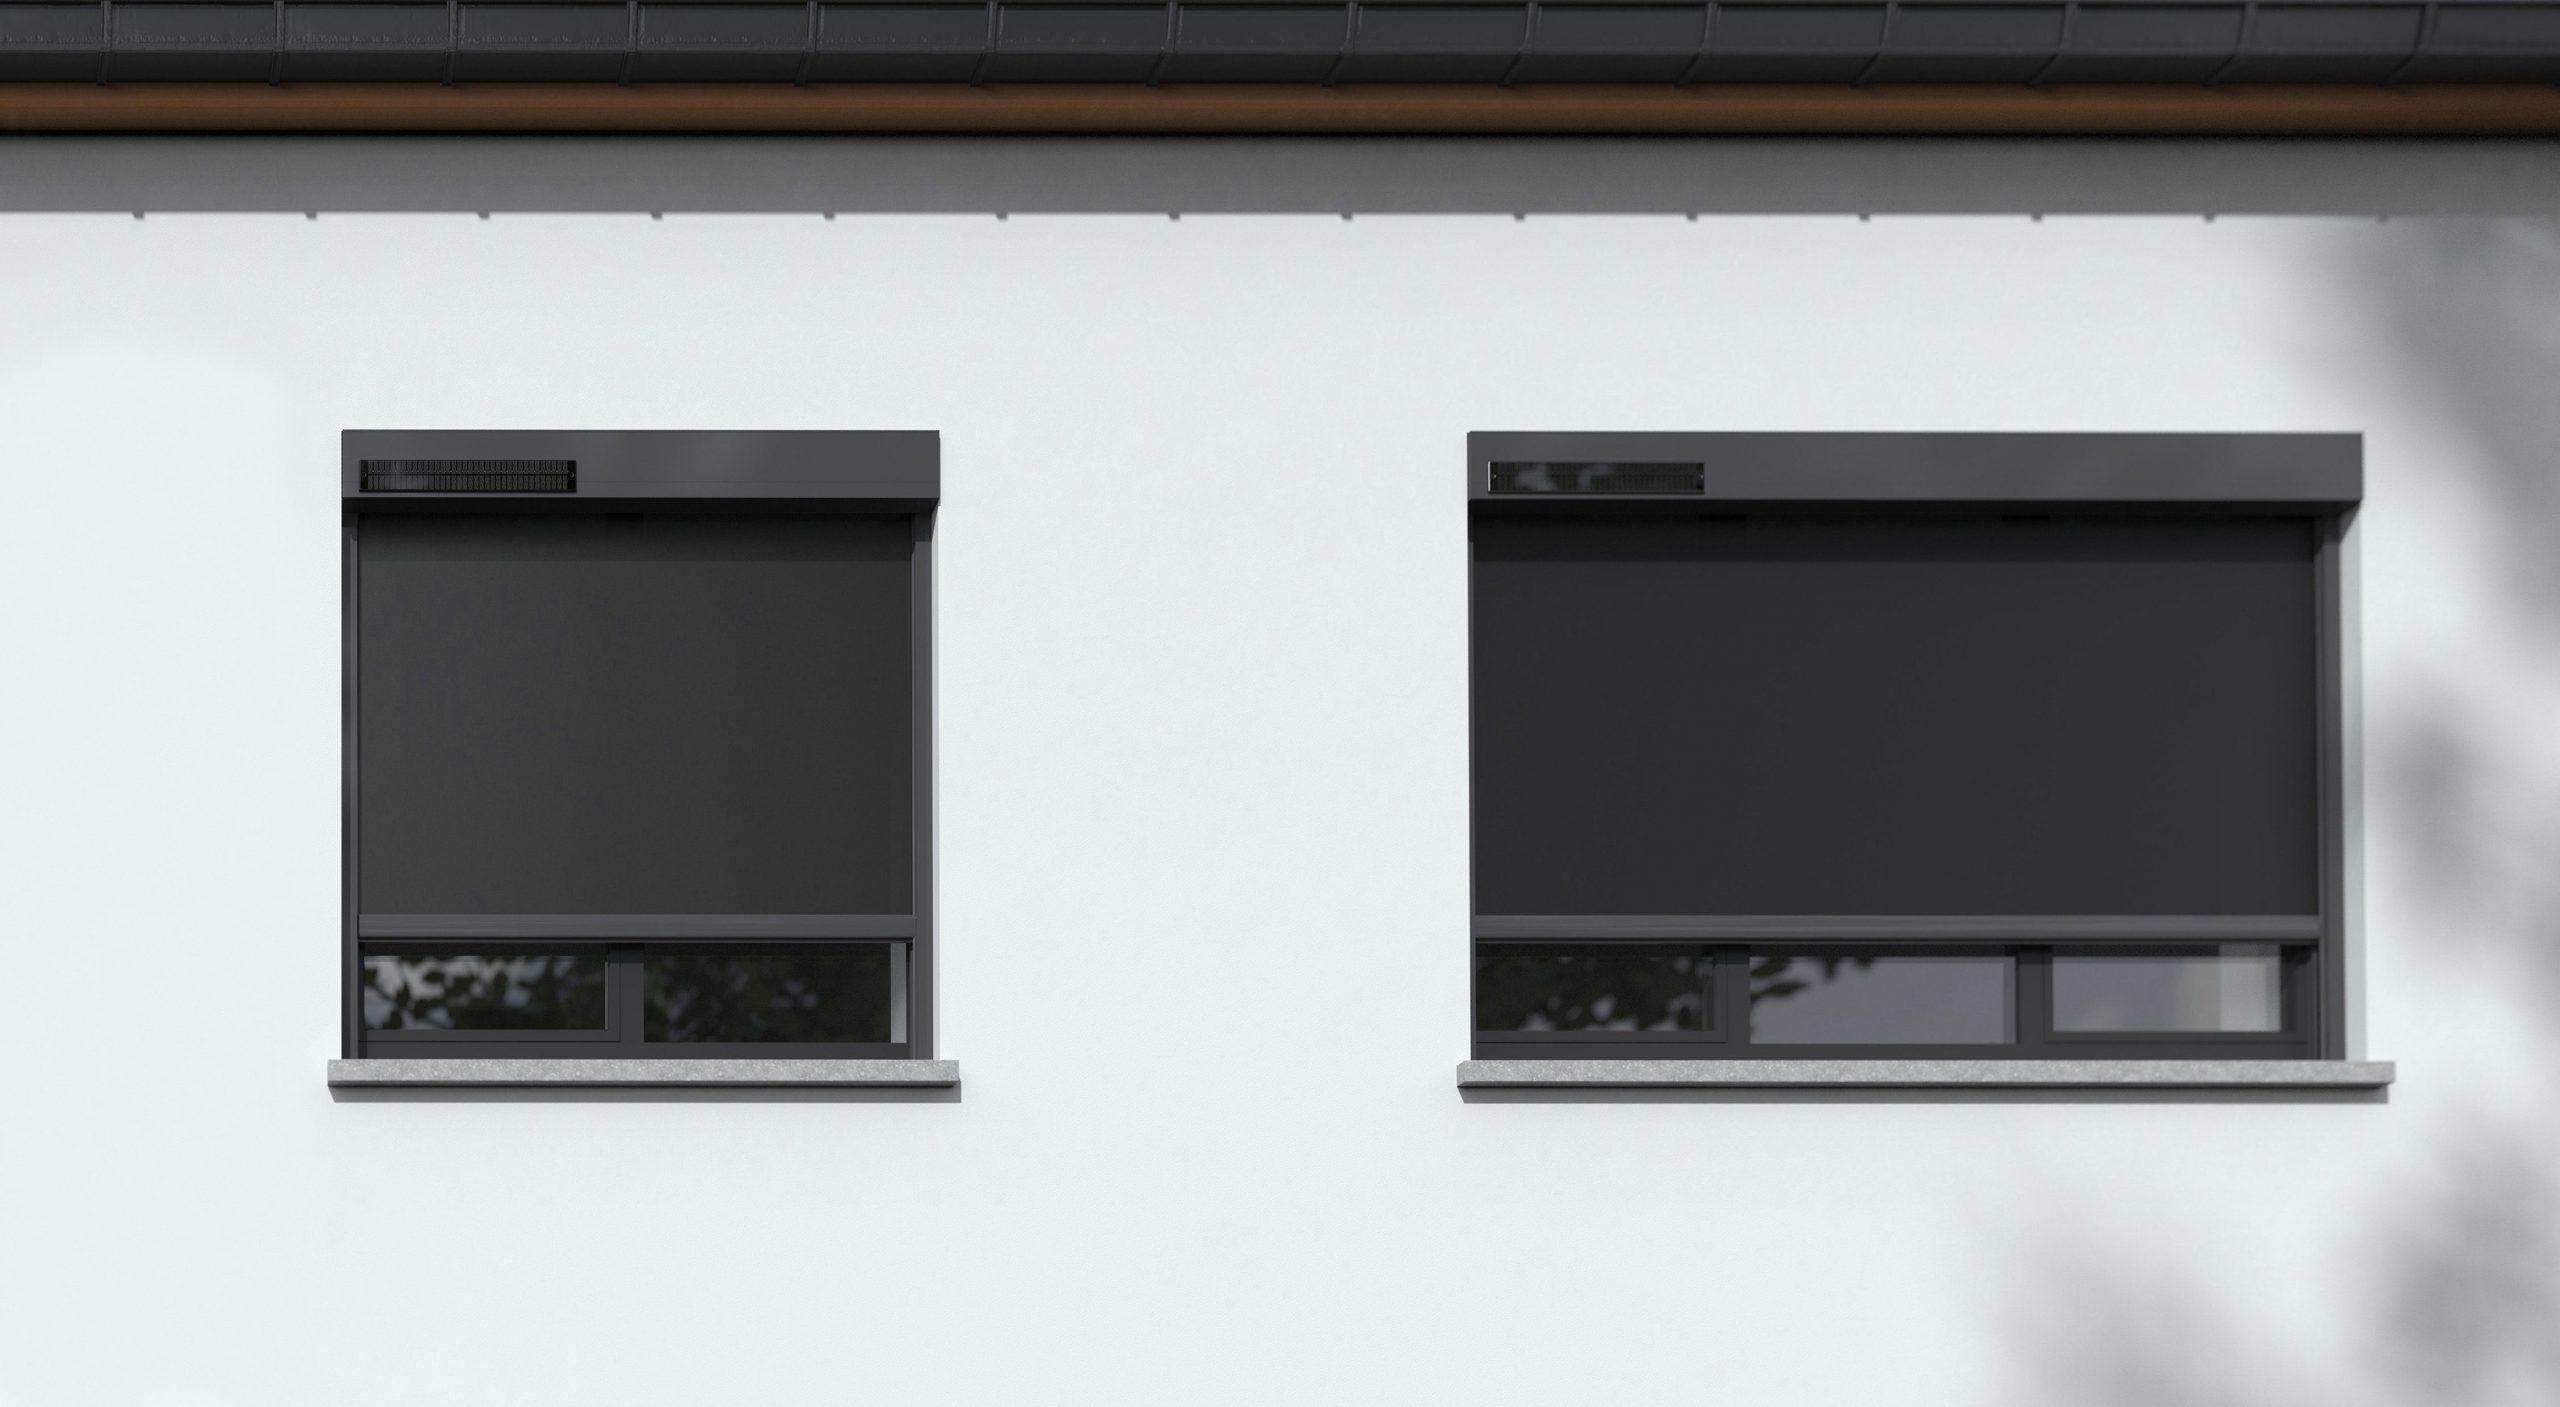 Full Size of Fenster Unterlicht Nachrsten 3 Fach Verglasung Zwangsbelüftung Nachrüsten Drutex Test Stores Veka Schallschutz Rollos Innen Internorm Preise Dachschräge Fenster Zwangsbelüftung Fenster Nachrüsten